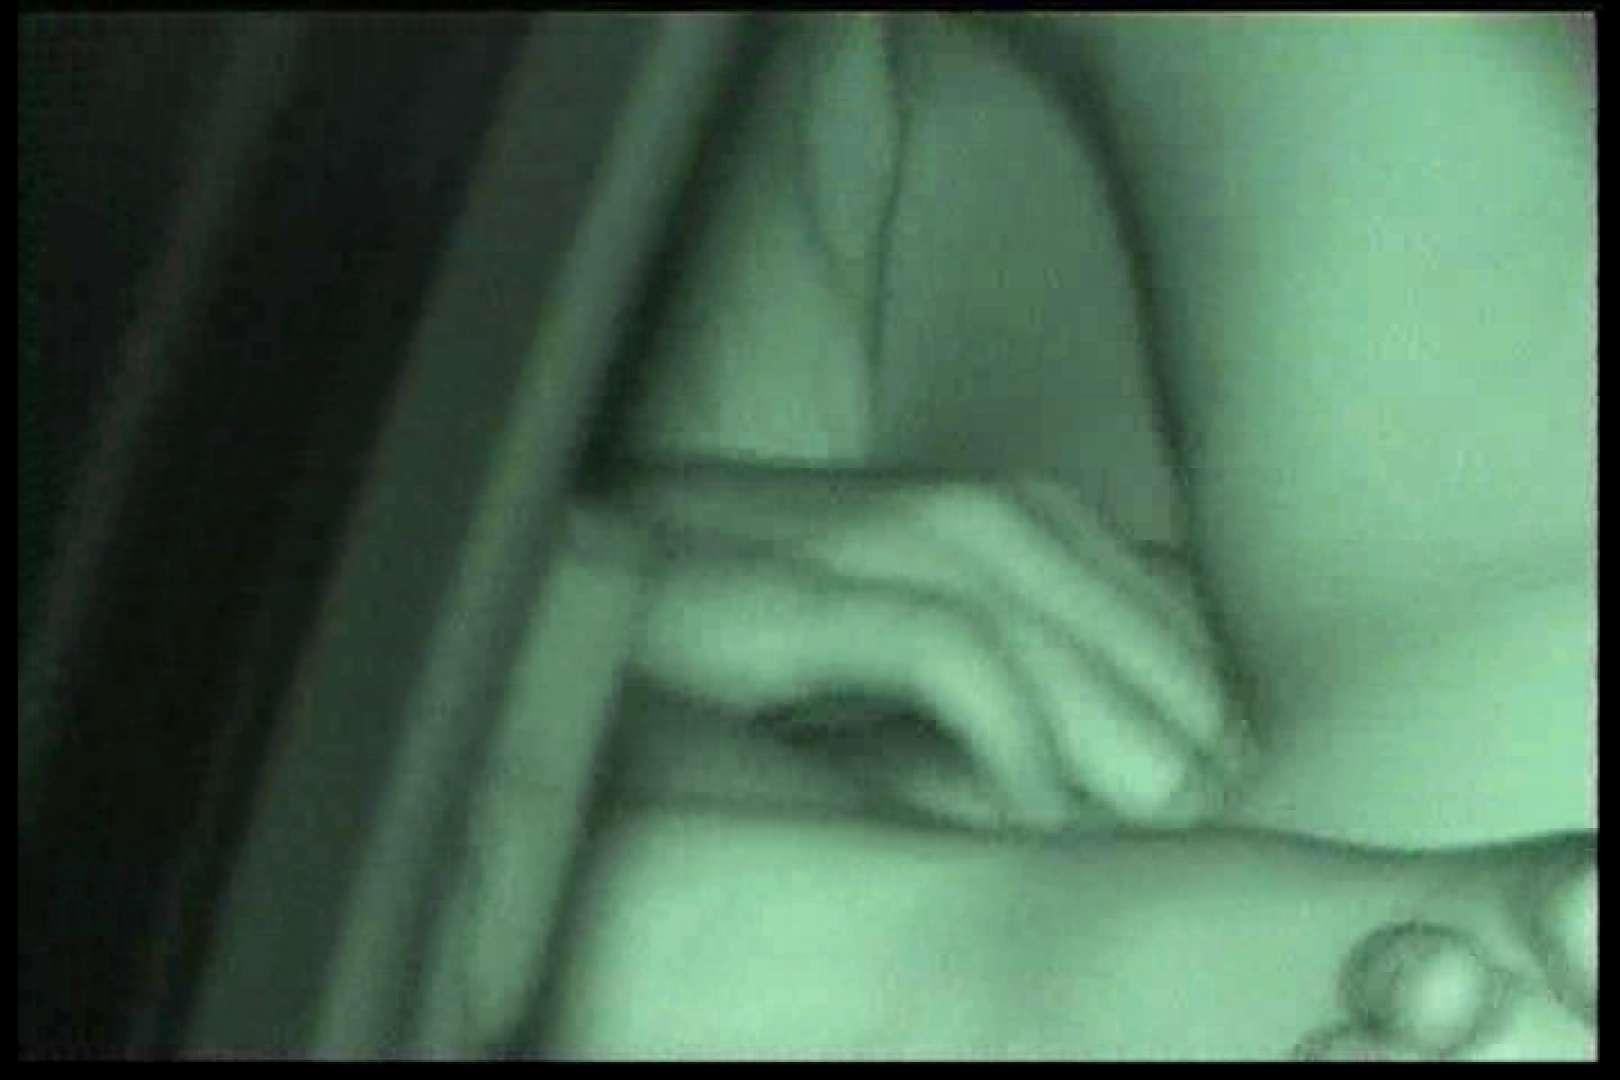 車の中はラブホテル 無修正版  Vol.14 OLの実態 覗きワレメ動画紹介 87pic 14